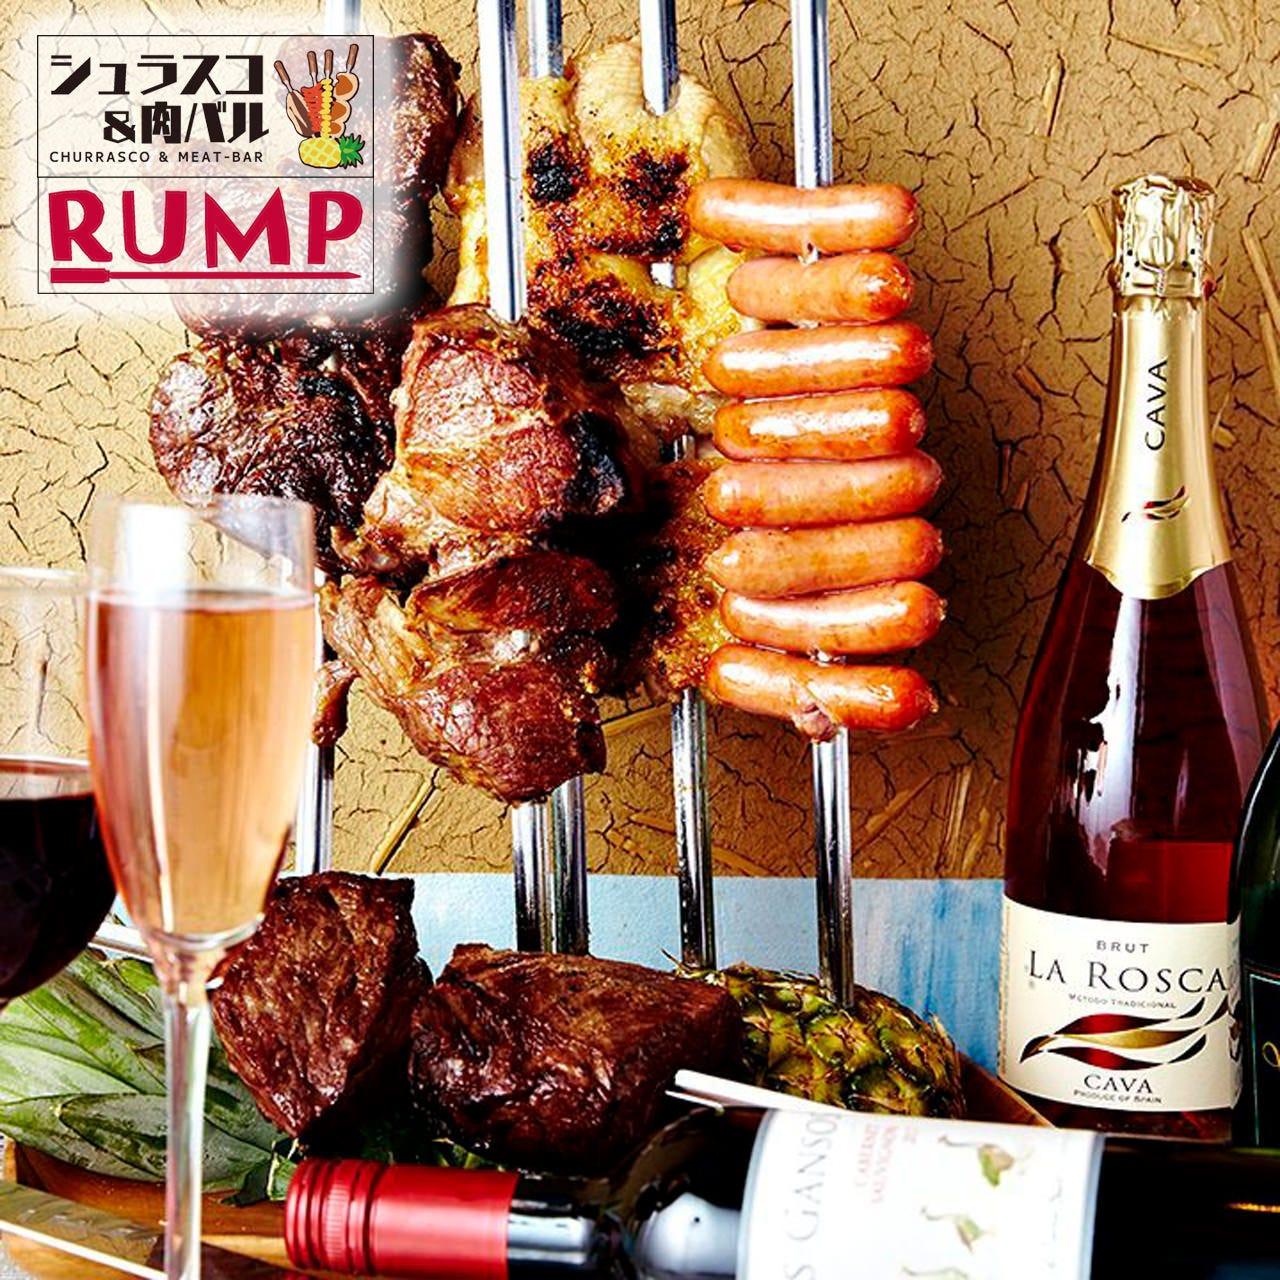 シュラスコ&個室肉バル RUMP 四ツ谷しんみち通り店のイメージ写真